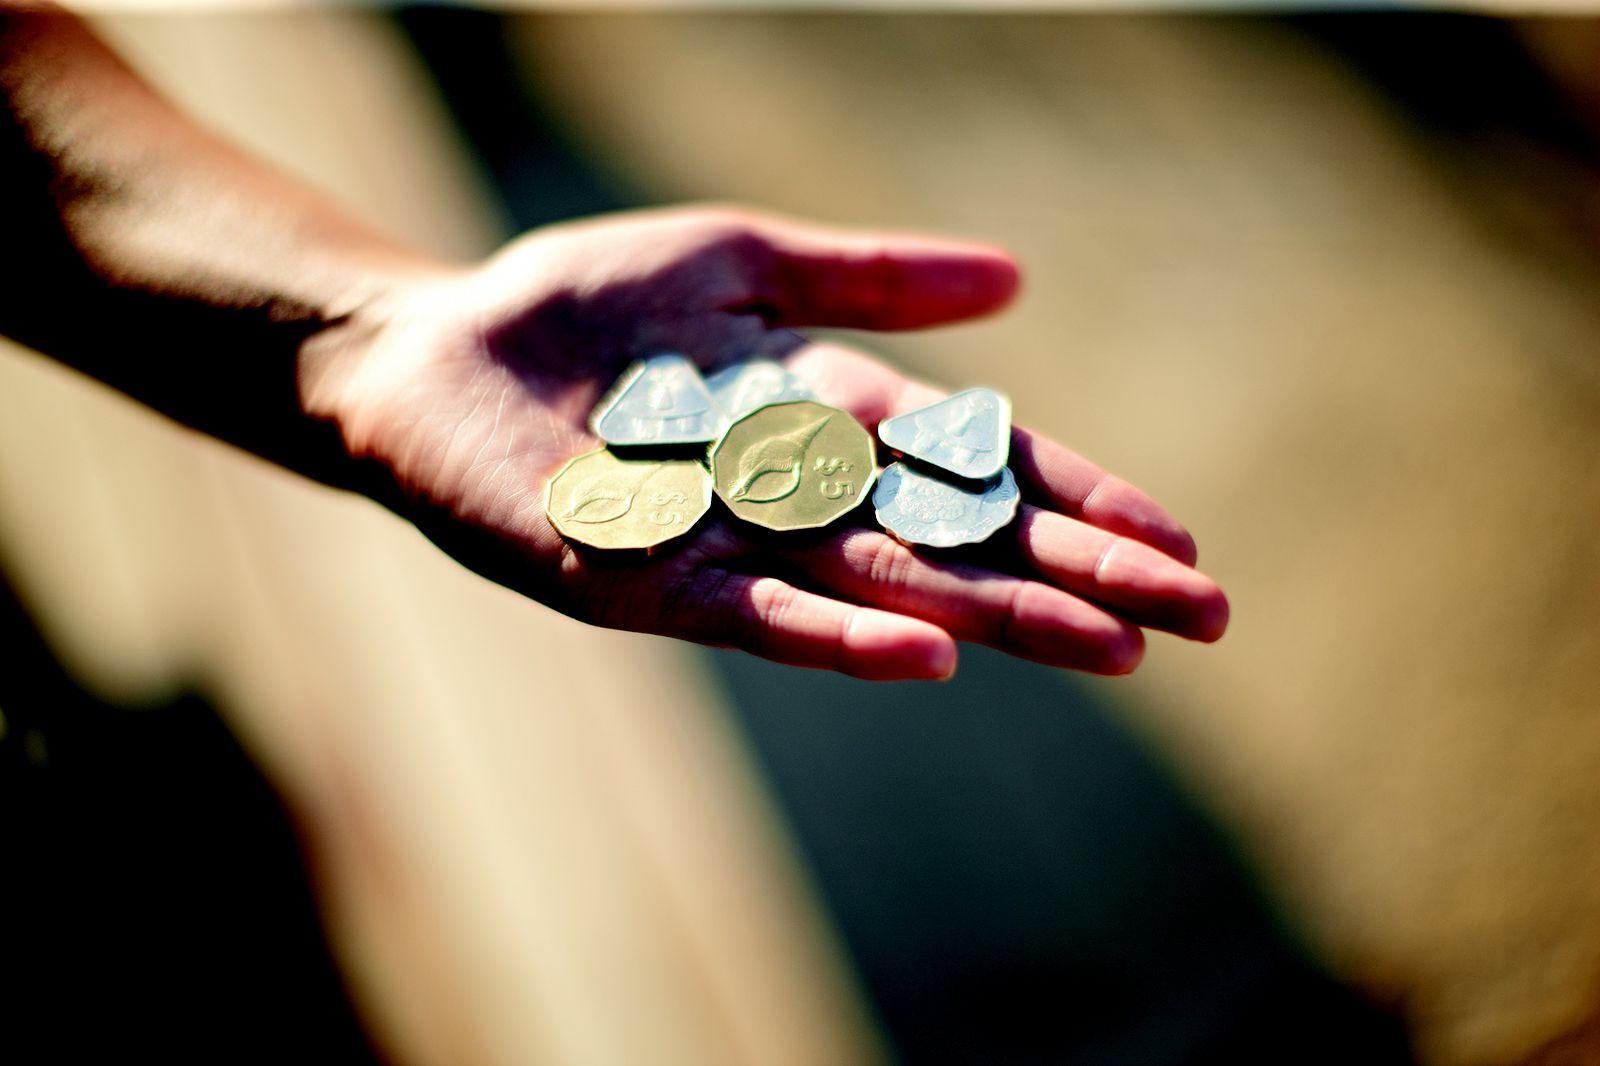 ちなみにハガキ以外の心を届ける小さなお土産として、国内で普通に使われているコインやお札もオススメ。世界でもクック諸島だけという「3ドル札」や、写真のような三角形のコインも珍しく、会話も盛り上がりそう。クック・アイランドは記念通貨の生産国としても有名。「ハロー・キティ」や「銀河鉄道999」「北陸新幹線」などの記念通貨も作っているんです。